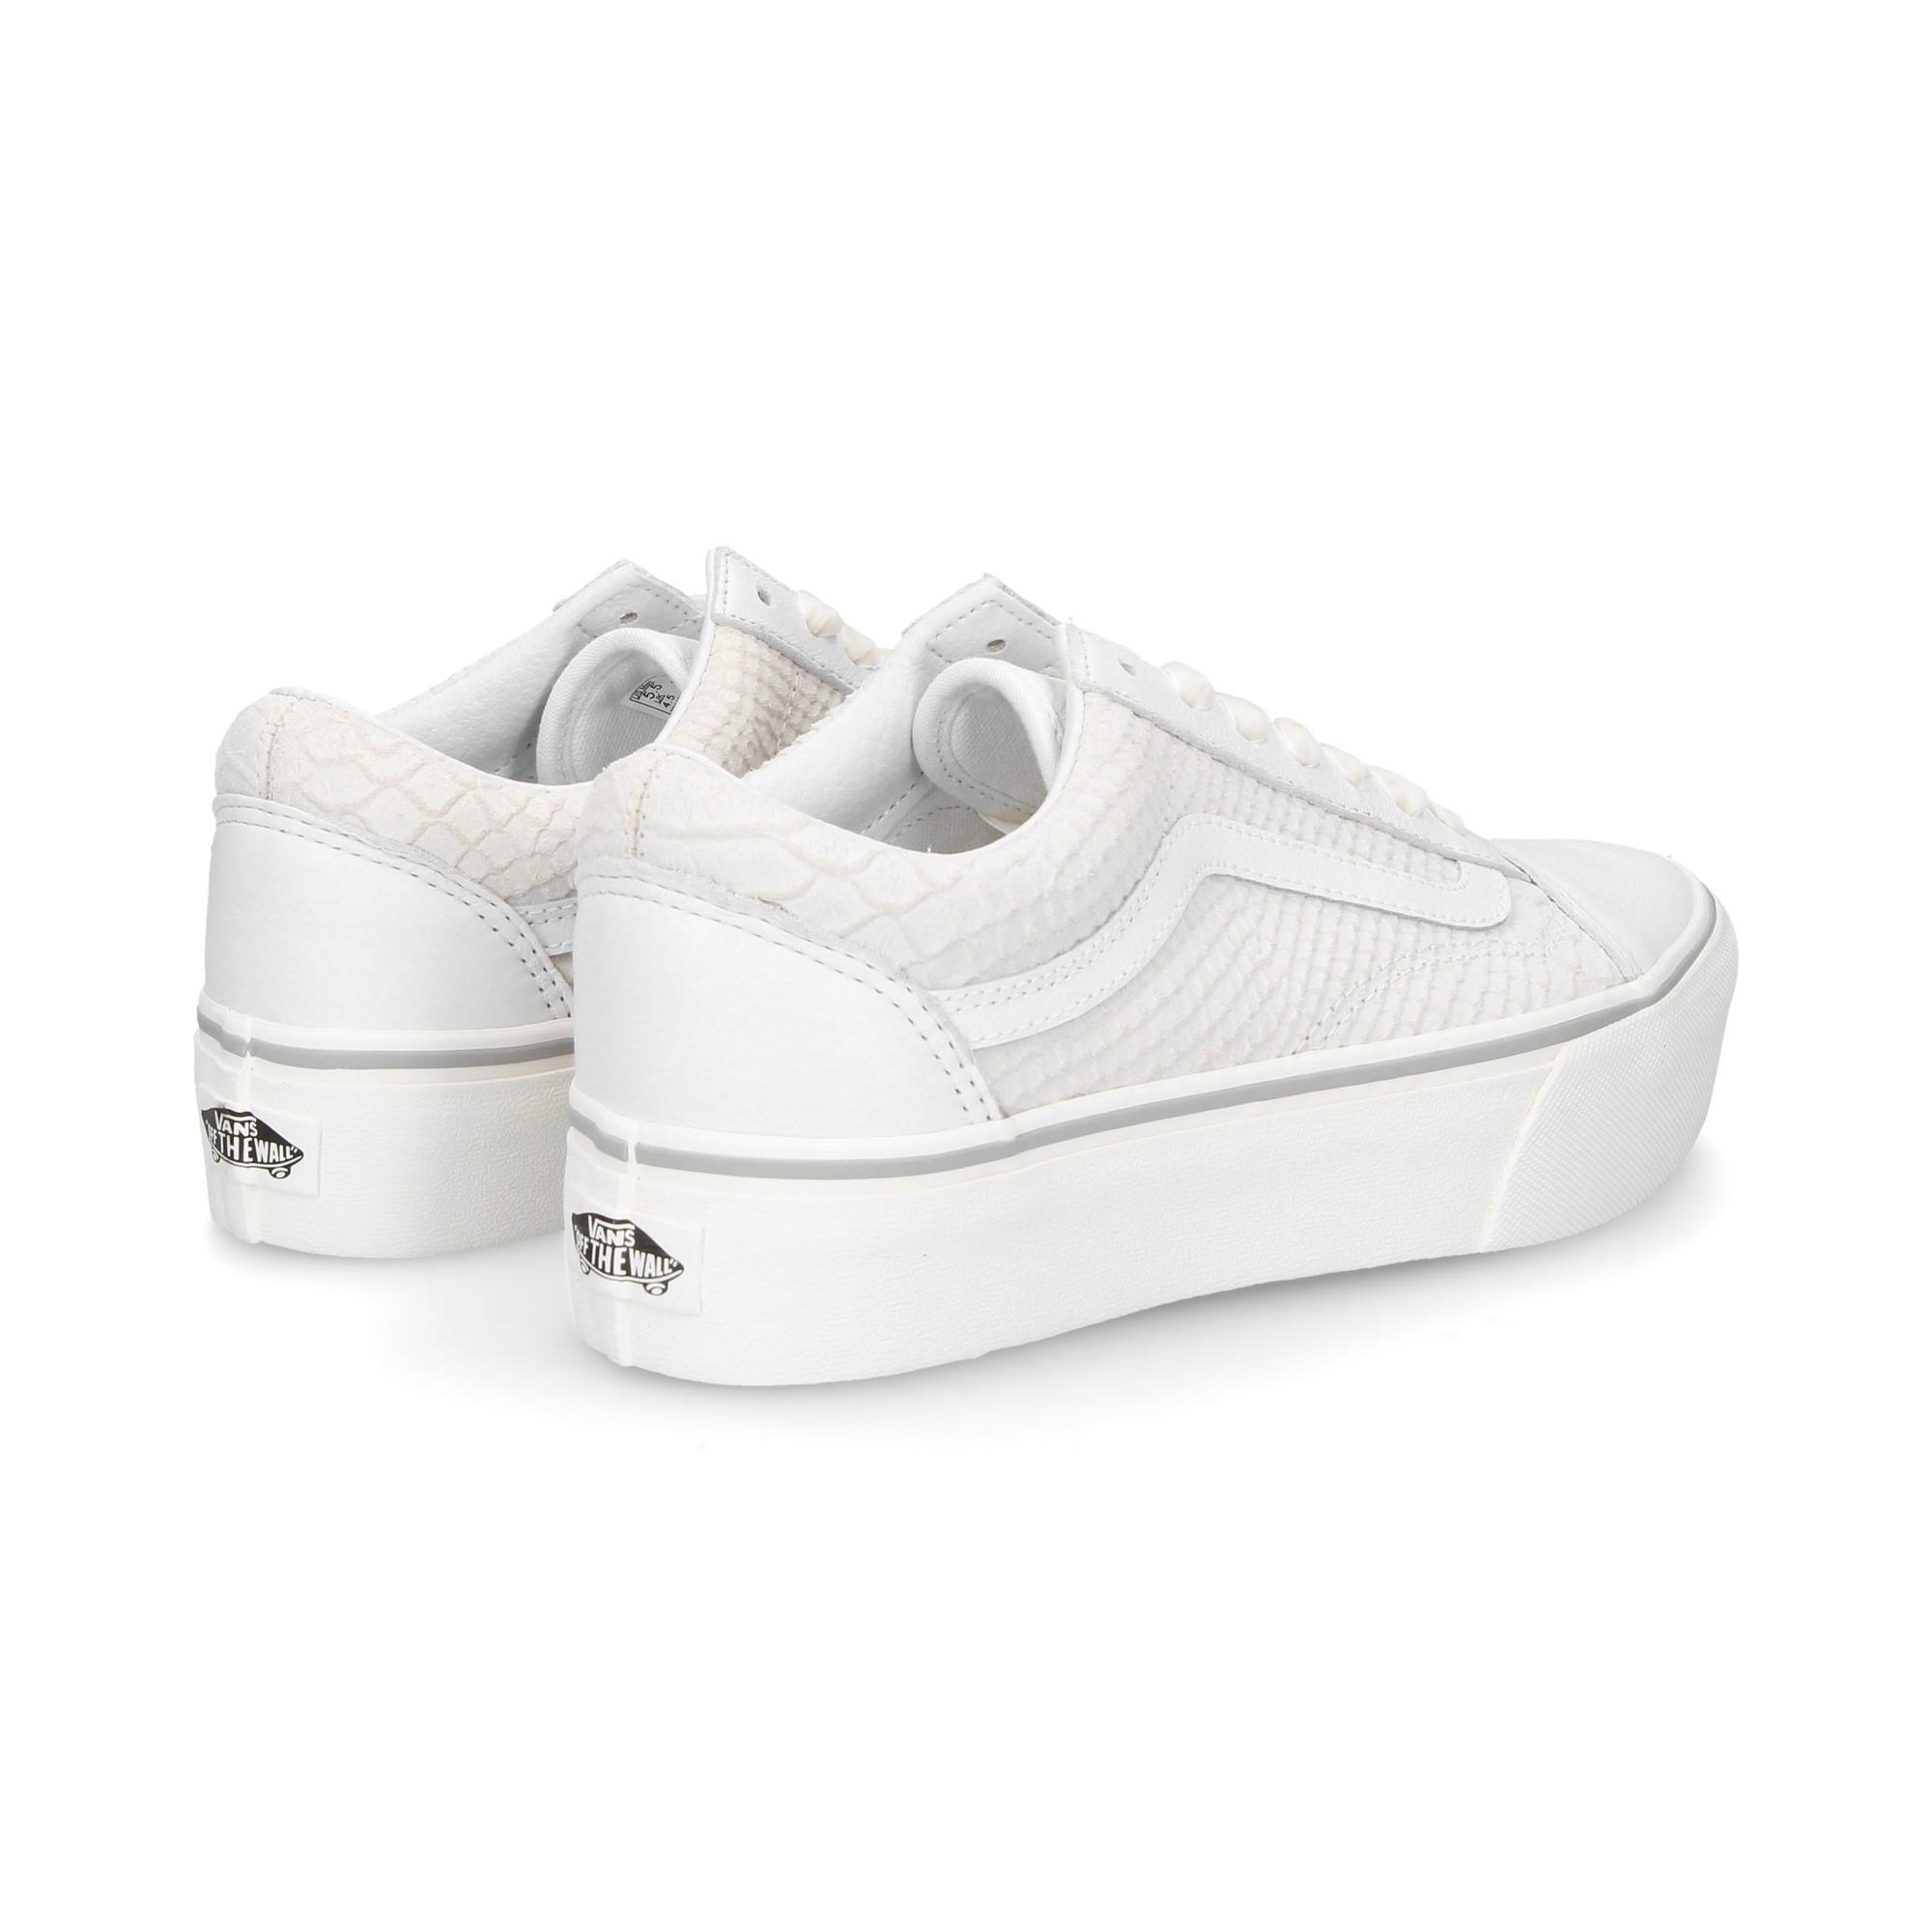 VANS Women s Sneakers VA3B3UUPK BLANCO 50d8663cfad